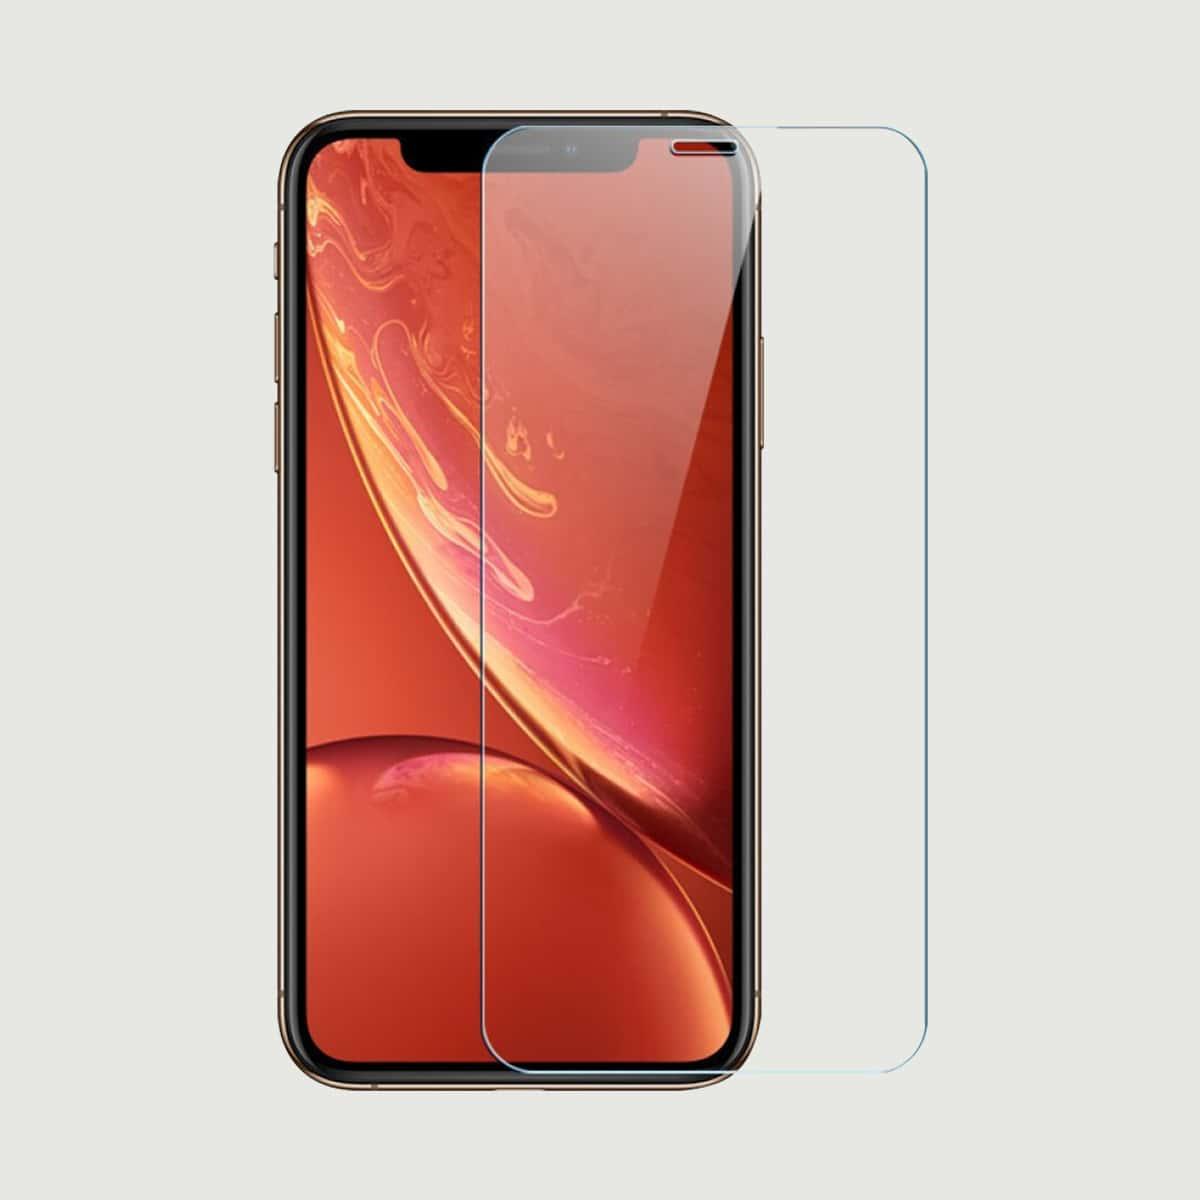 Защитная пленка для iPhone из закаленного стекла 1шт фото